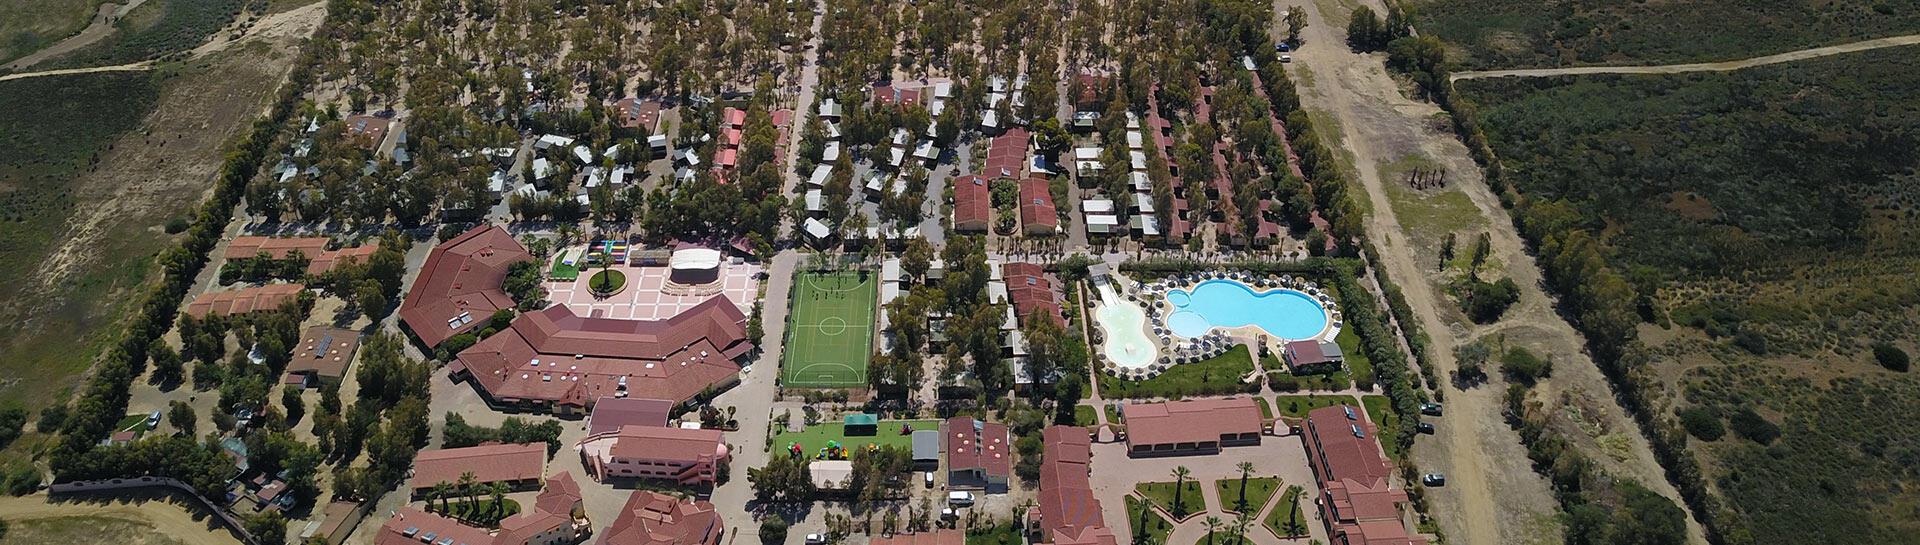 4mori en resort-map 013